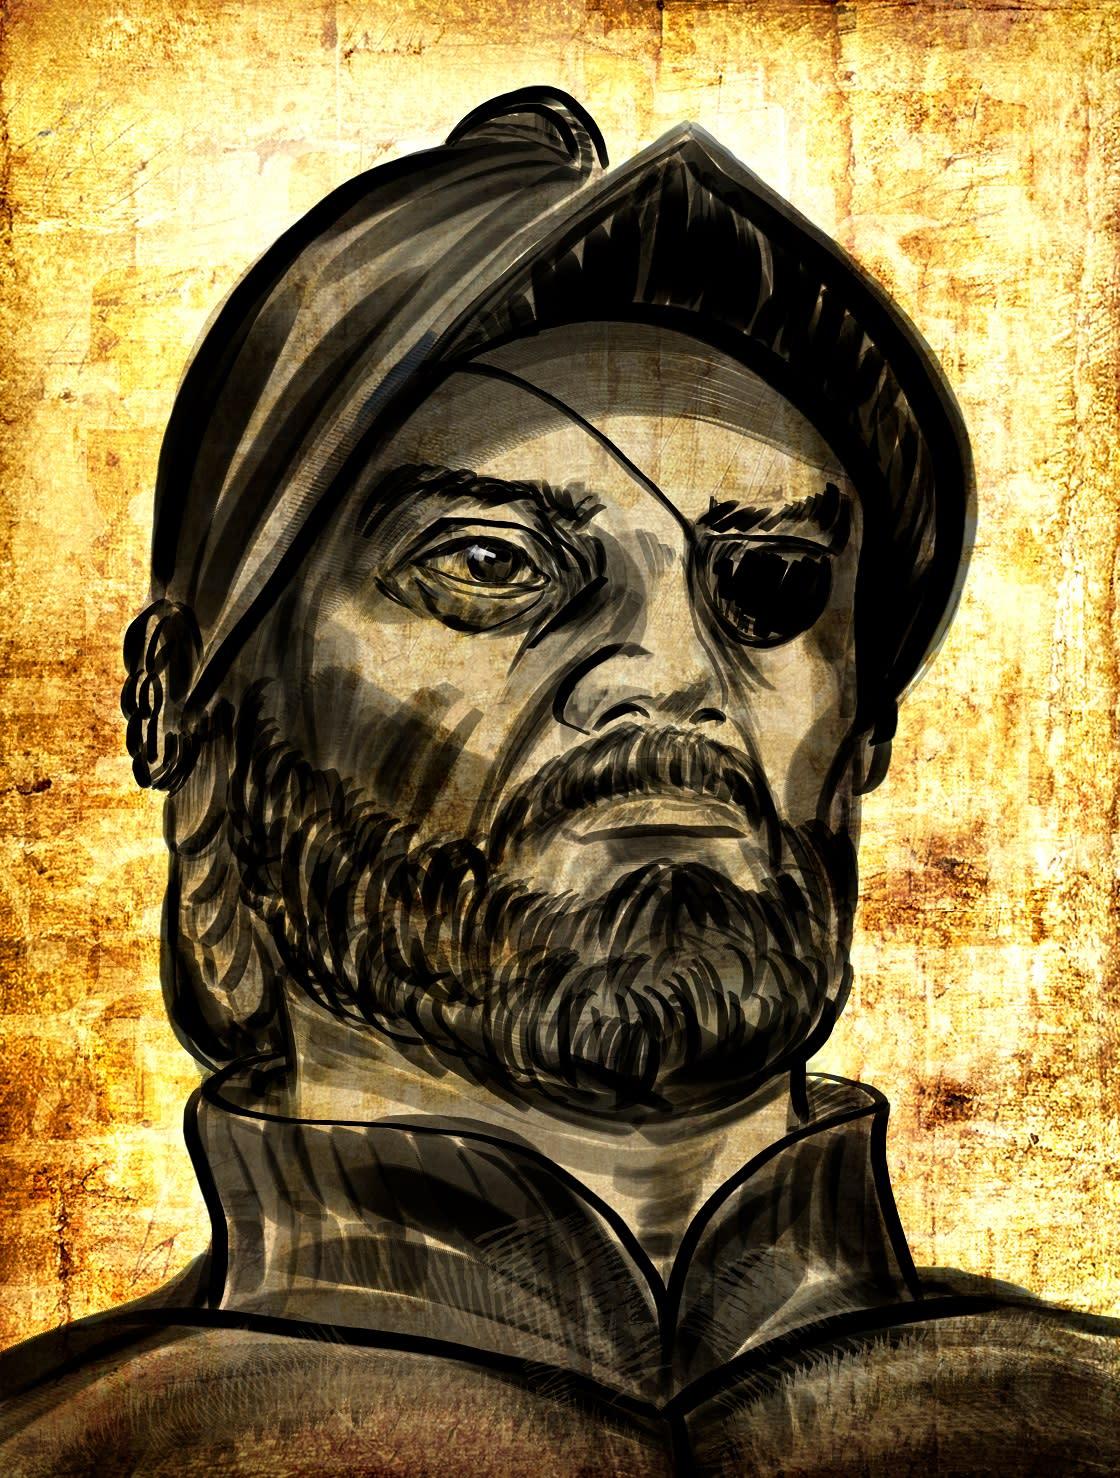 Francisco De Orellana; Spanish Traveler And Discoverer Of The Amazon River